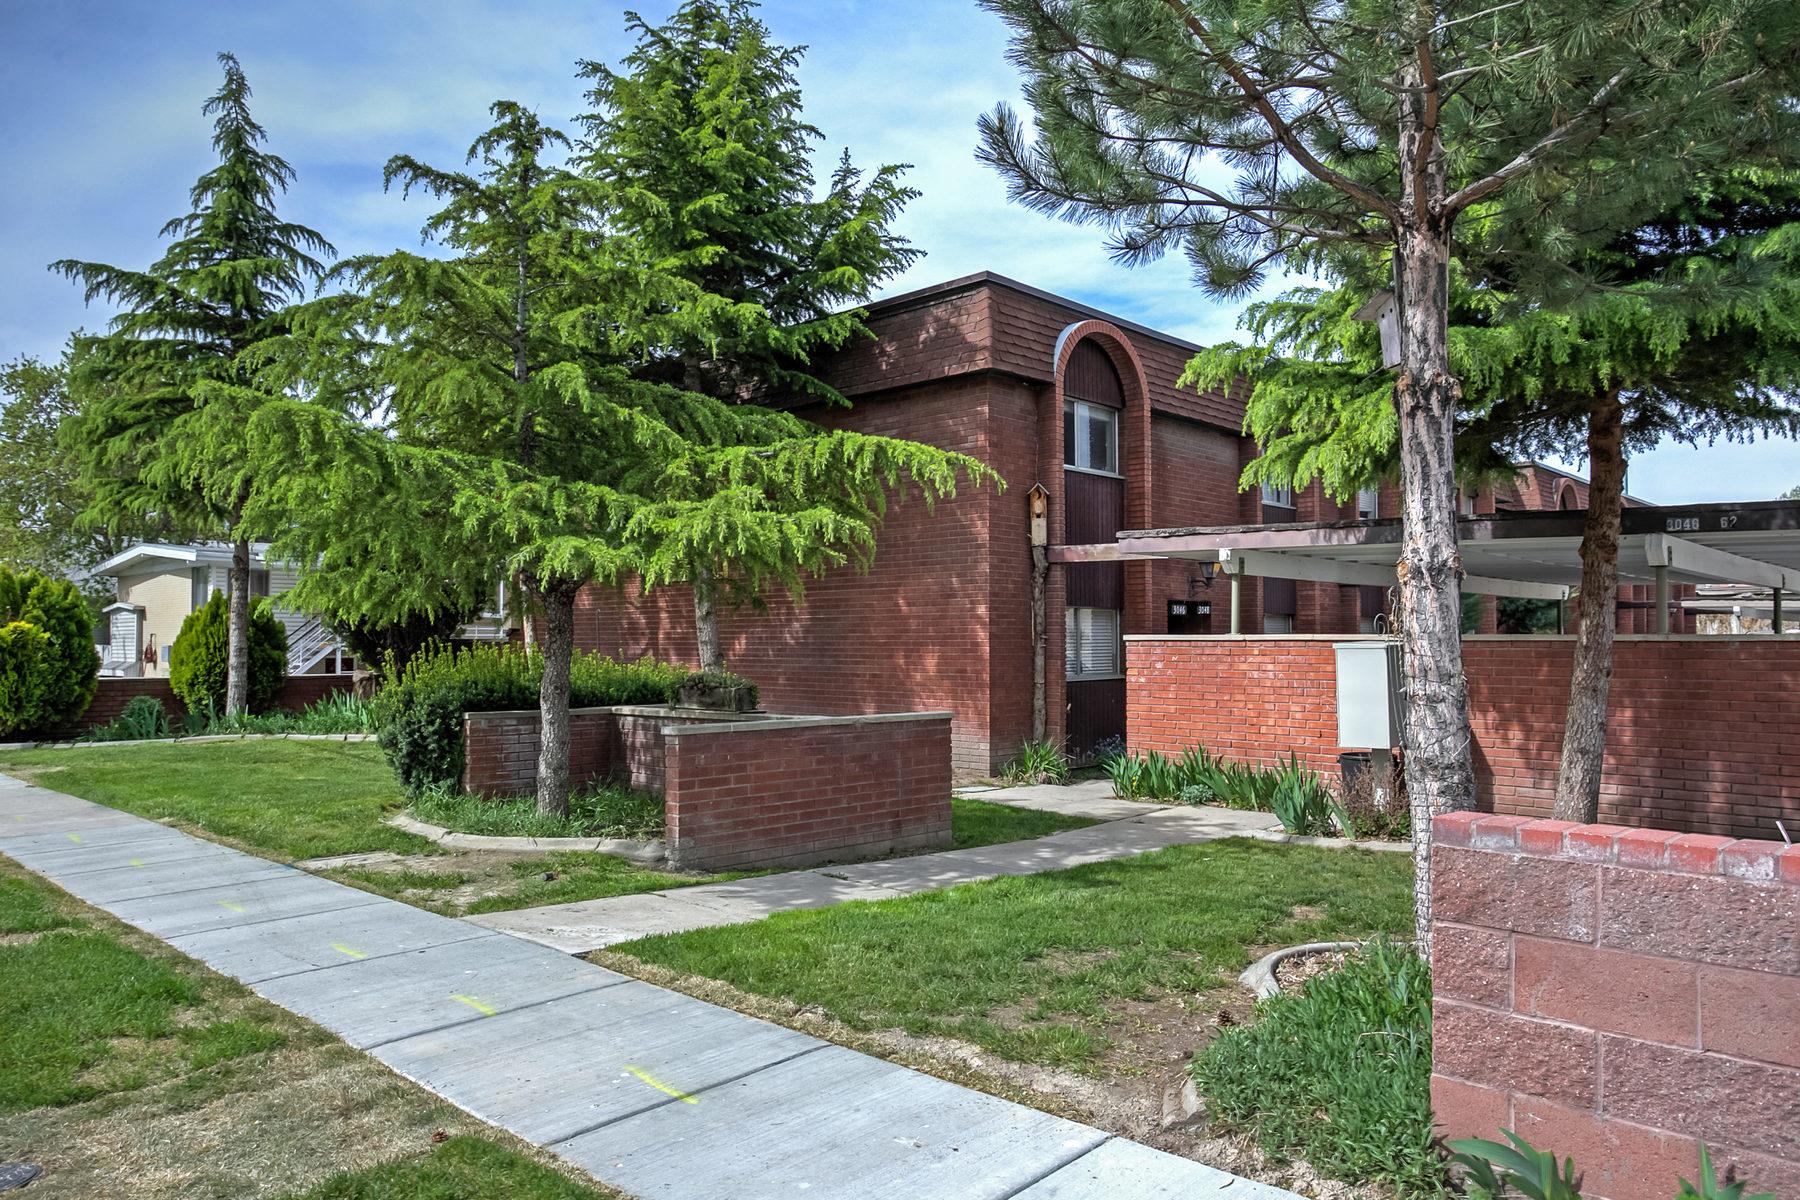 다가구 주택 용 매매 에 Fantastic Investment Opportunity 3052 S 300 E Salt Lake City, 유타, 84115 미국